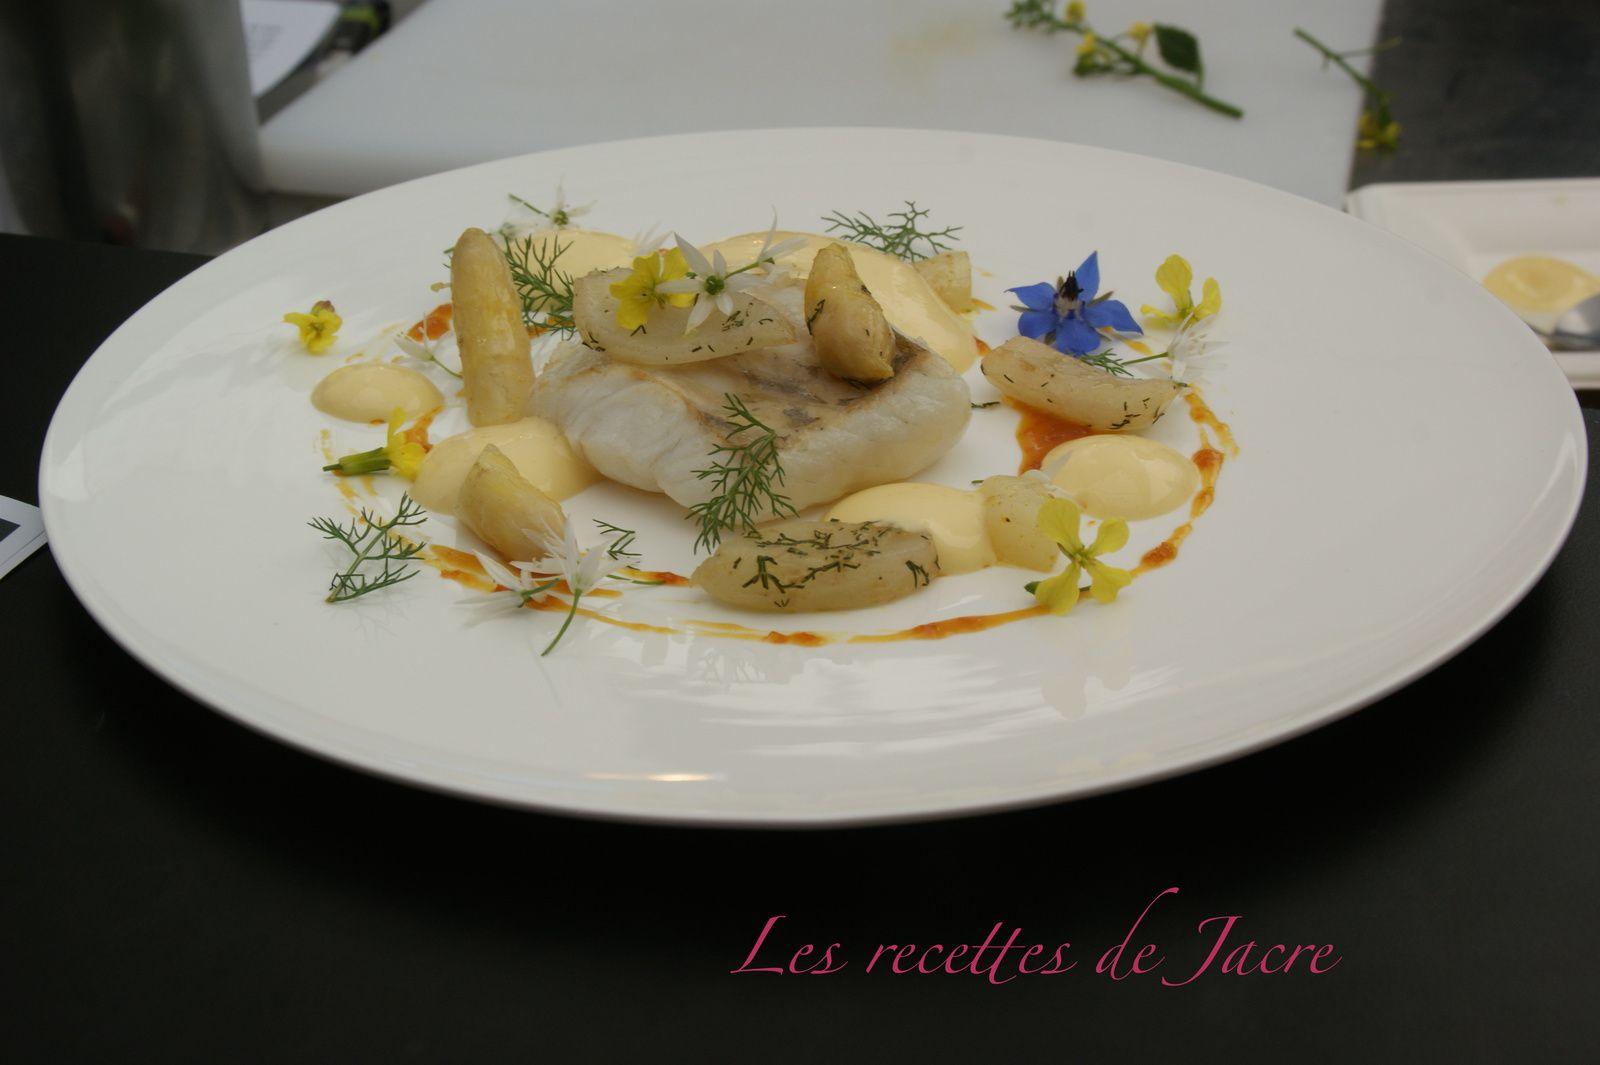 Le plat : Barbue côtière, asperges blanches étuvées au curry doux et anis vert, sabayon orange - fenouil sauvage...